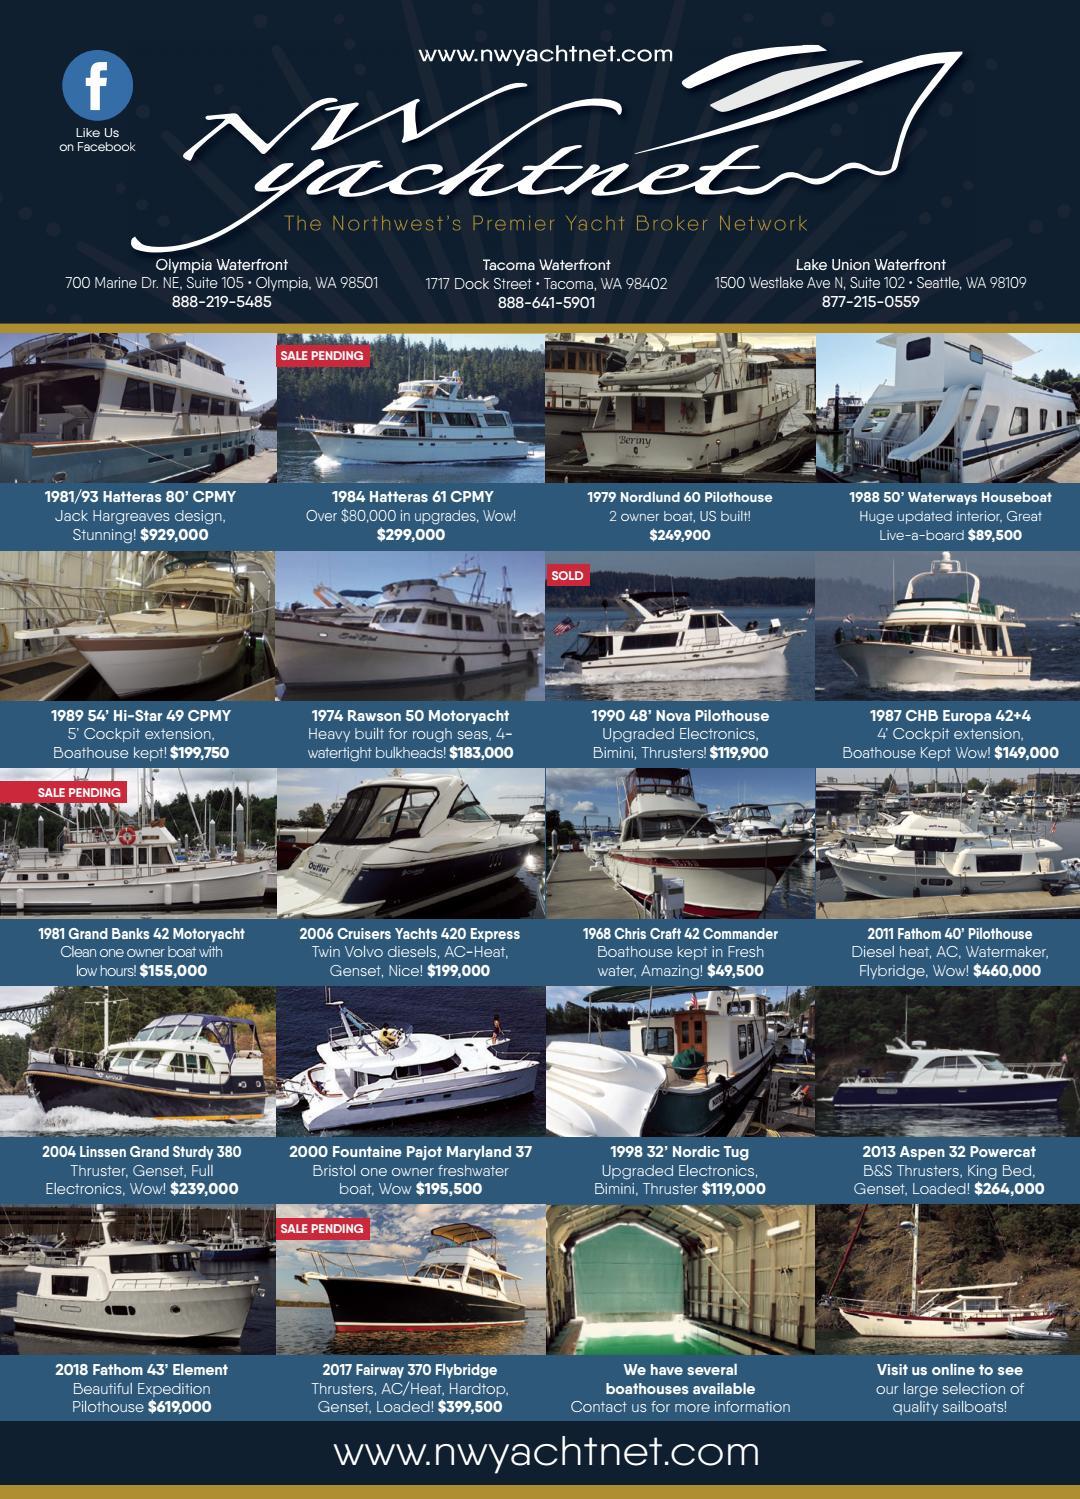 Northwest Yachting October 2017 by Northwest Yachting - issuu